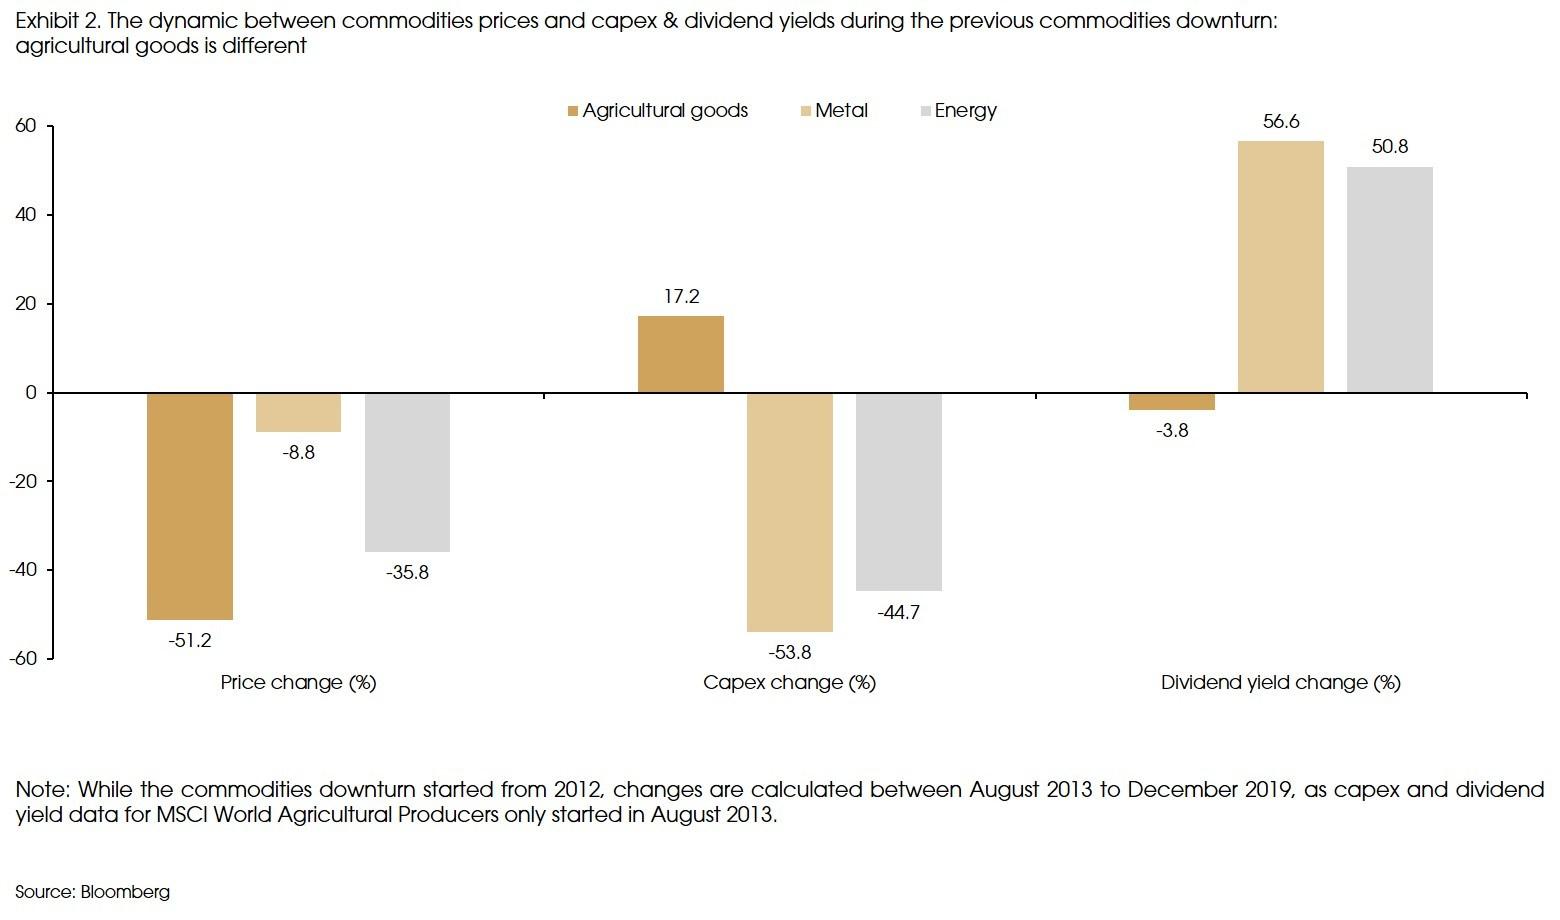 Exhibit 2 Dynamic between comodity prices